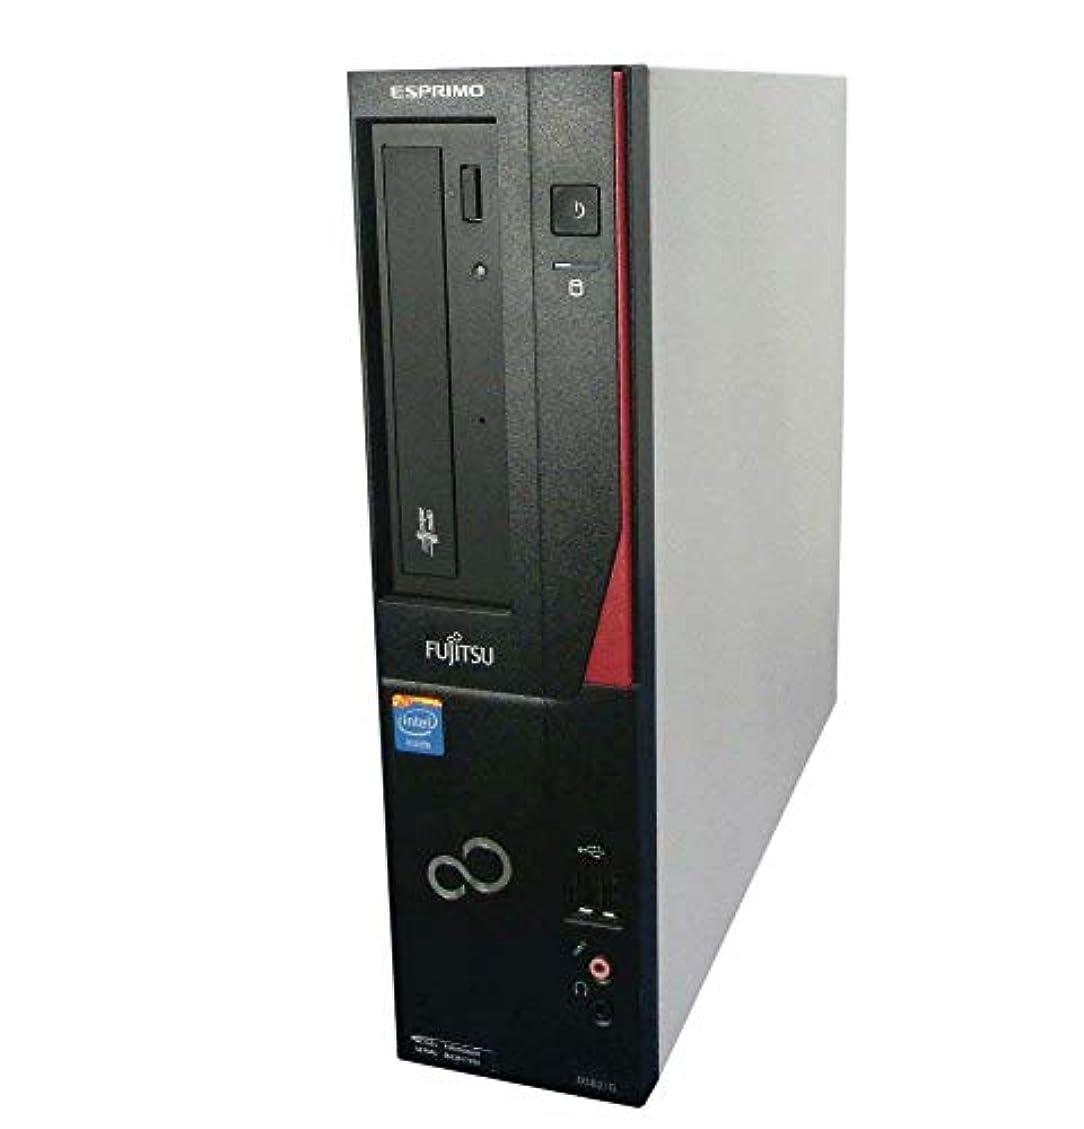 摘むホールドオールベンチャー中古パソコン デスクトップPC FUJITSU ESPRIMO D582/G Core i5-3470 メモリ8GB HDD500GB Windows10 Pro 64bit